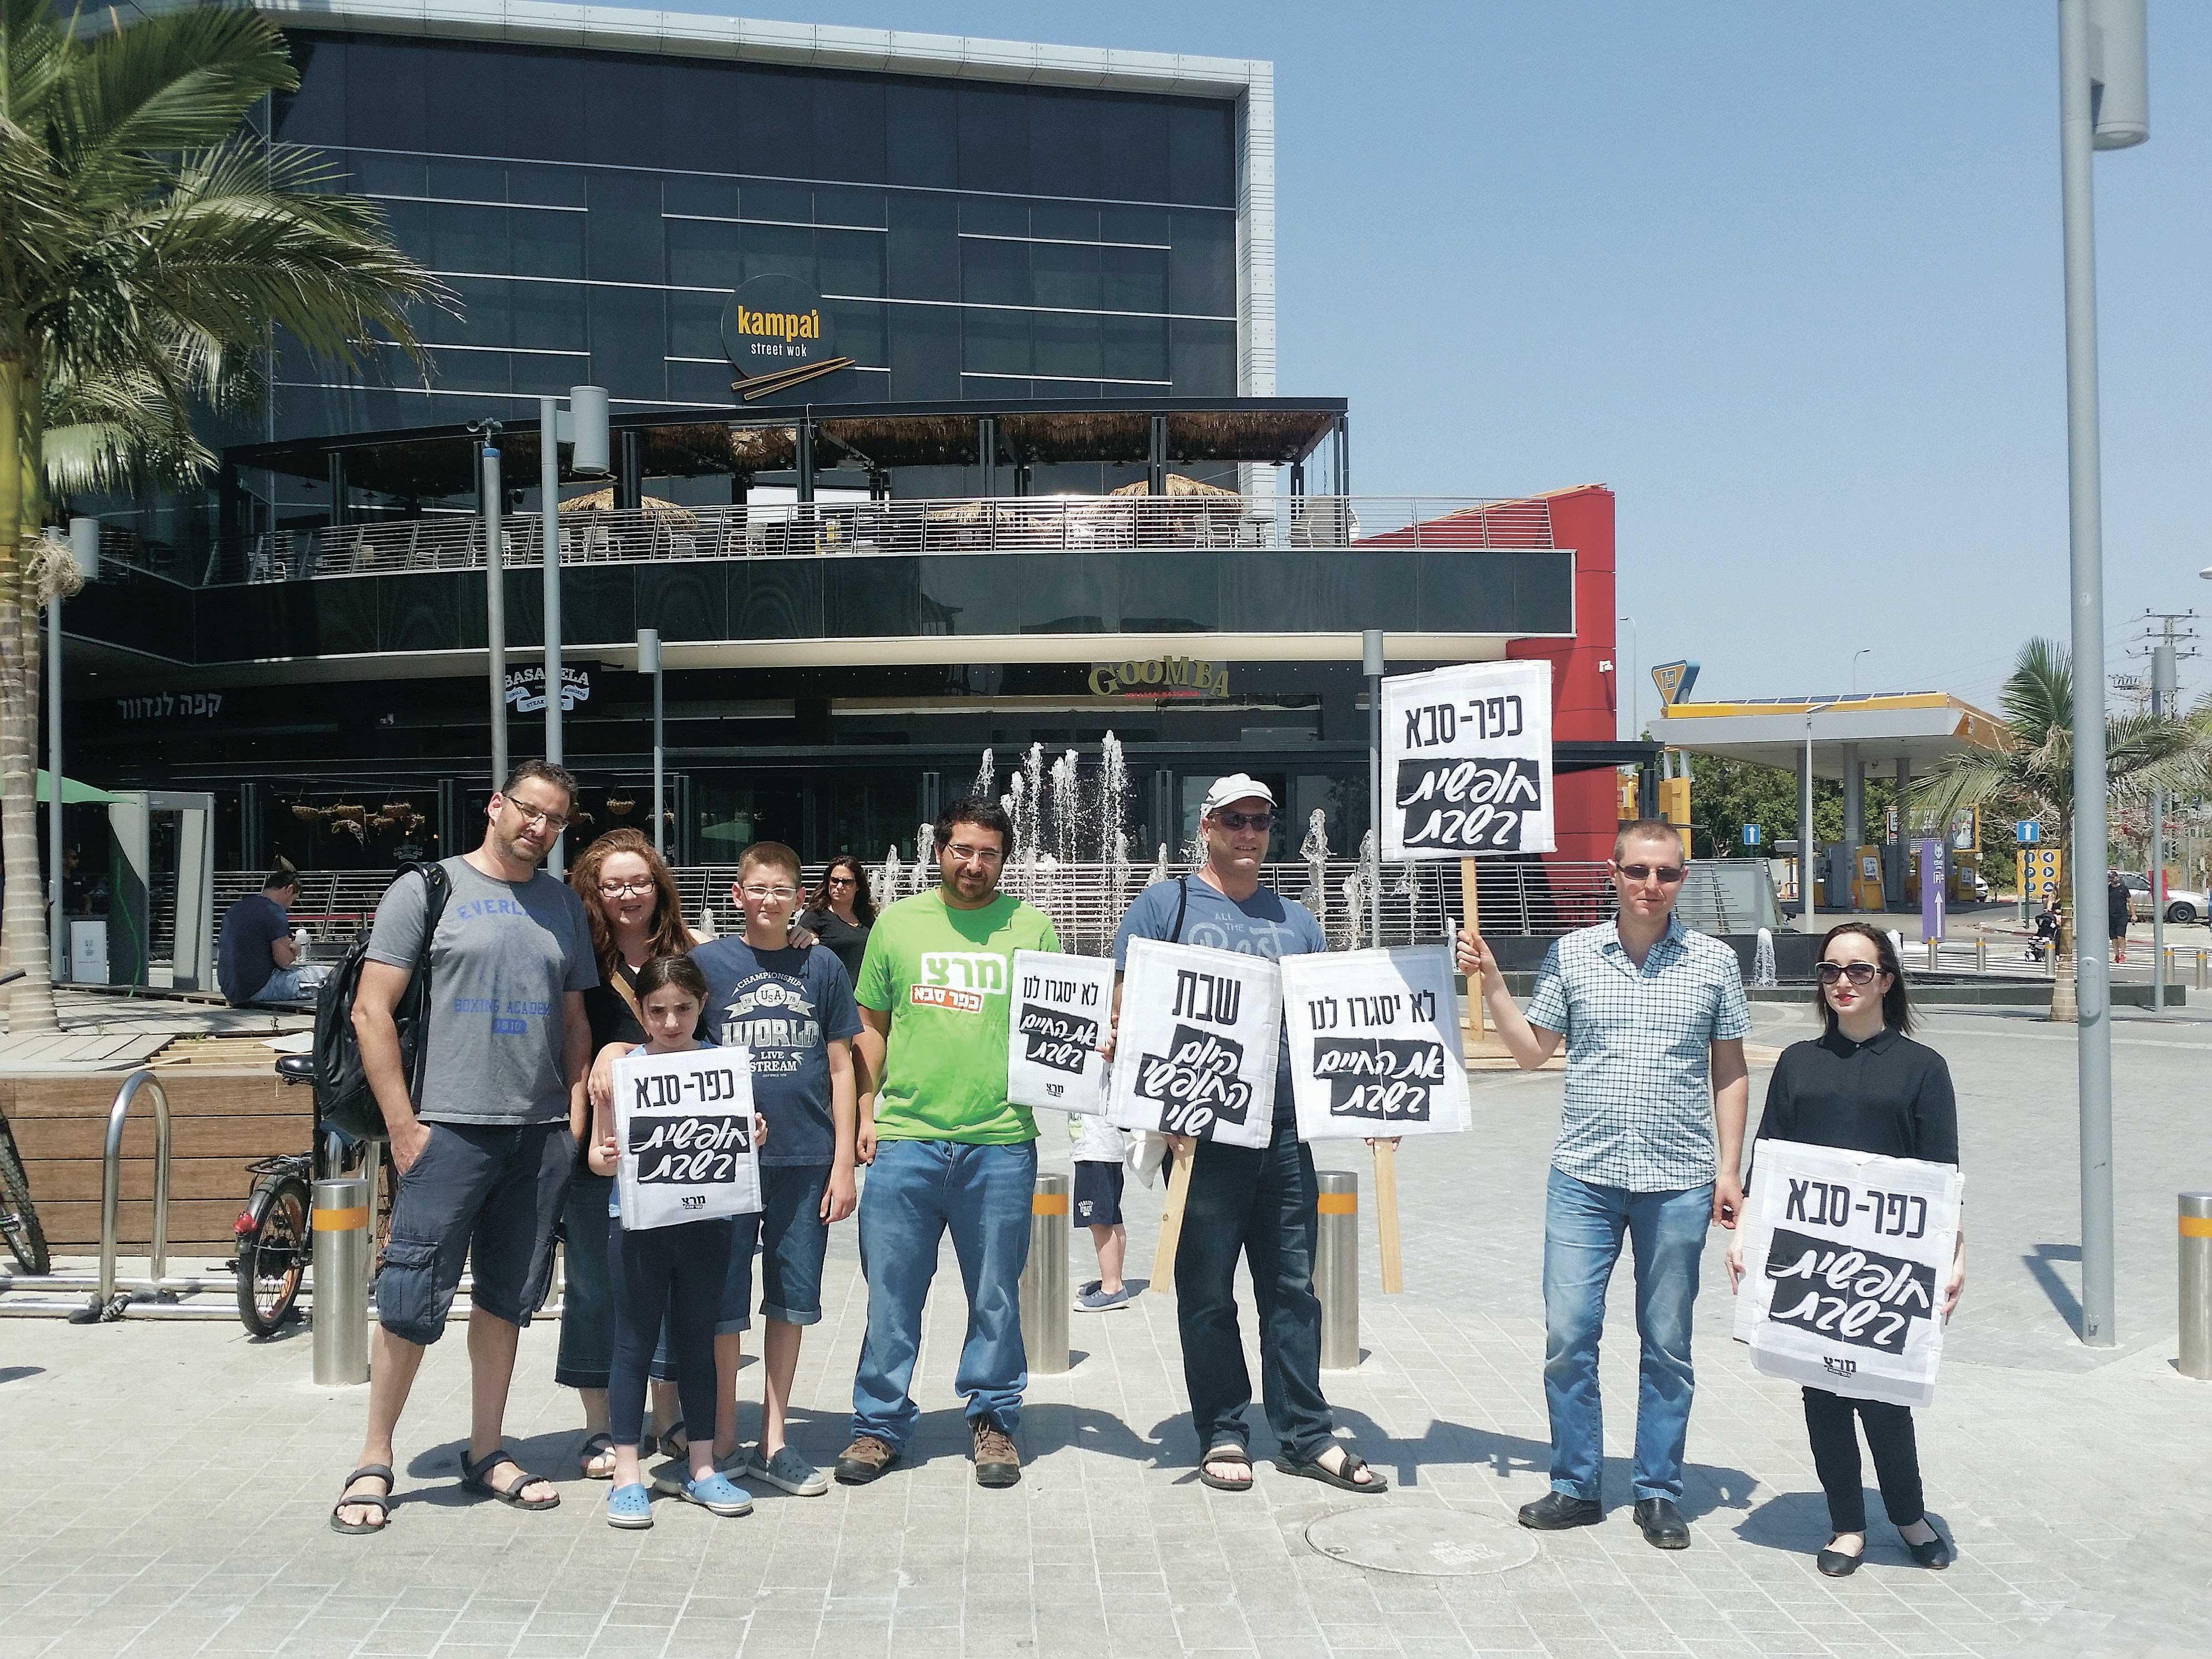 חברי מועצה ממרצ החתימו תושבים, בשבת, מחוץ לקניון אושילנד, על עצומה נגד סגירת המסחר בקניונים בשבת בכפר סבא